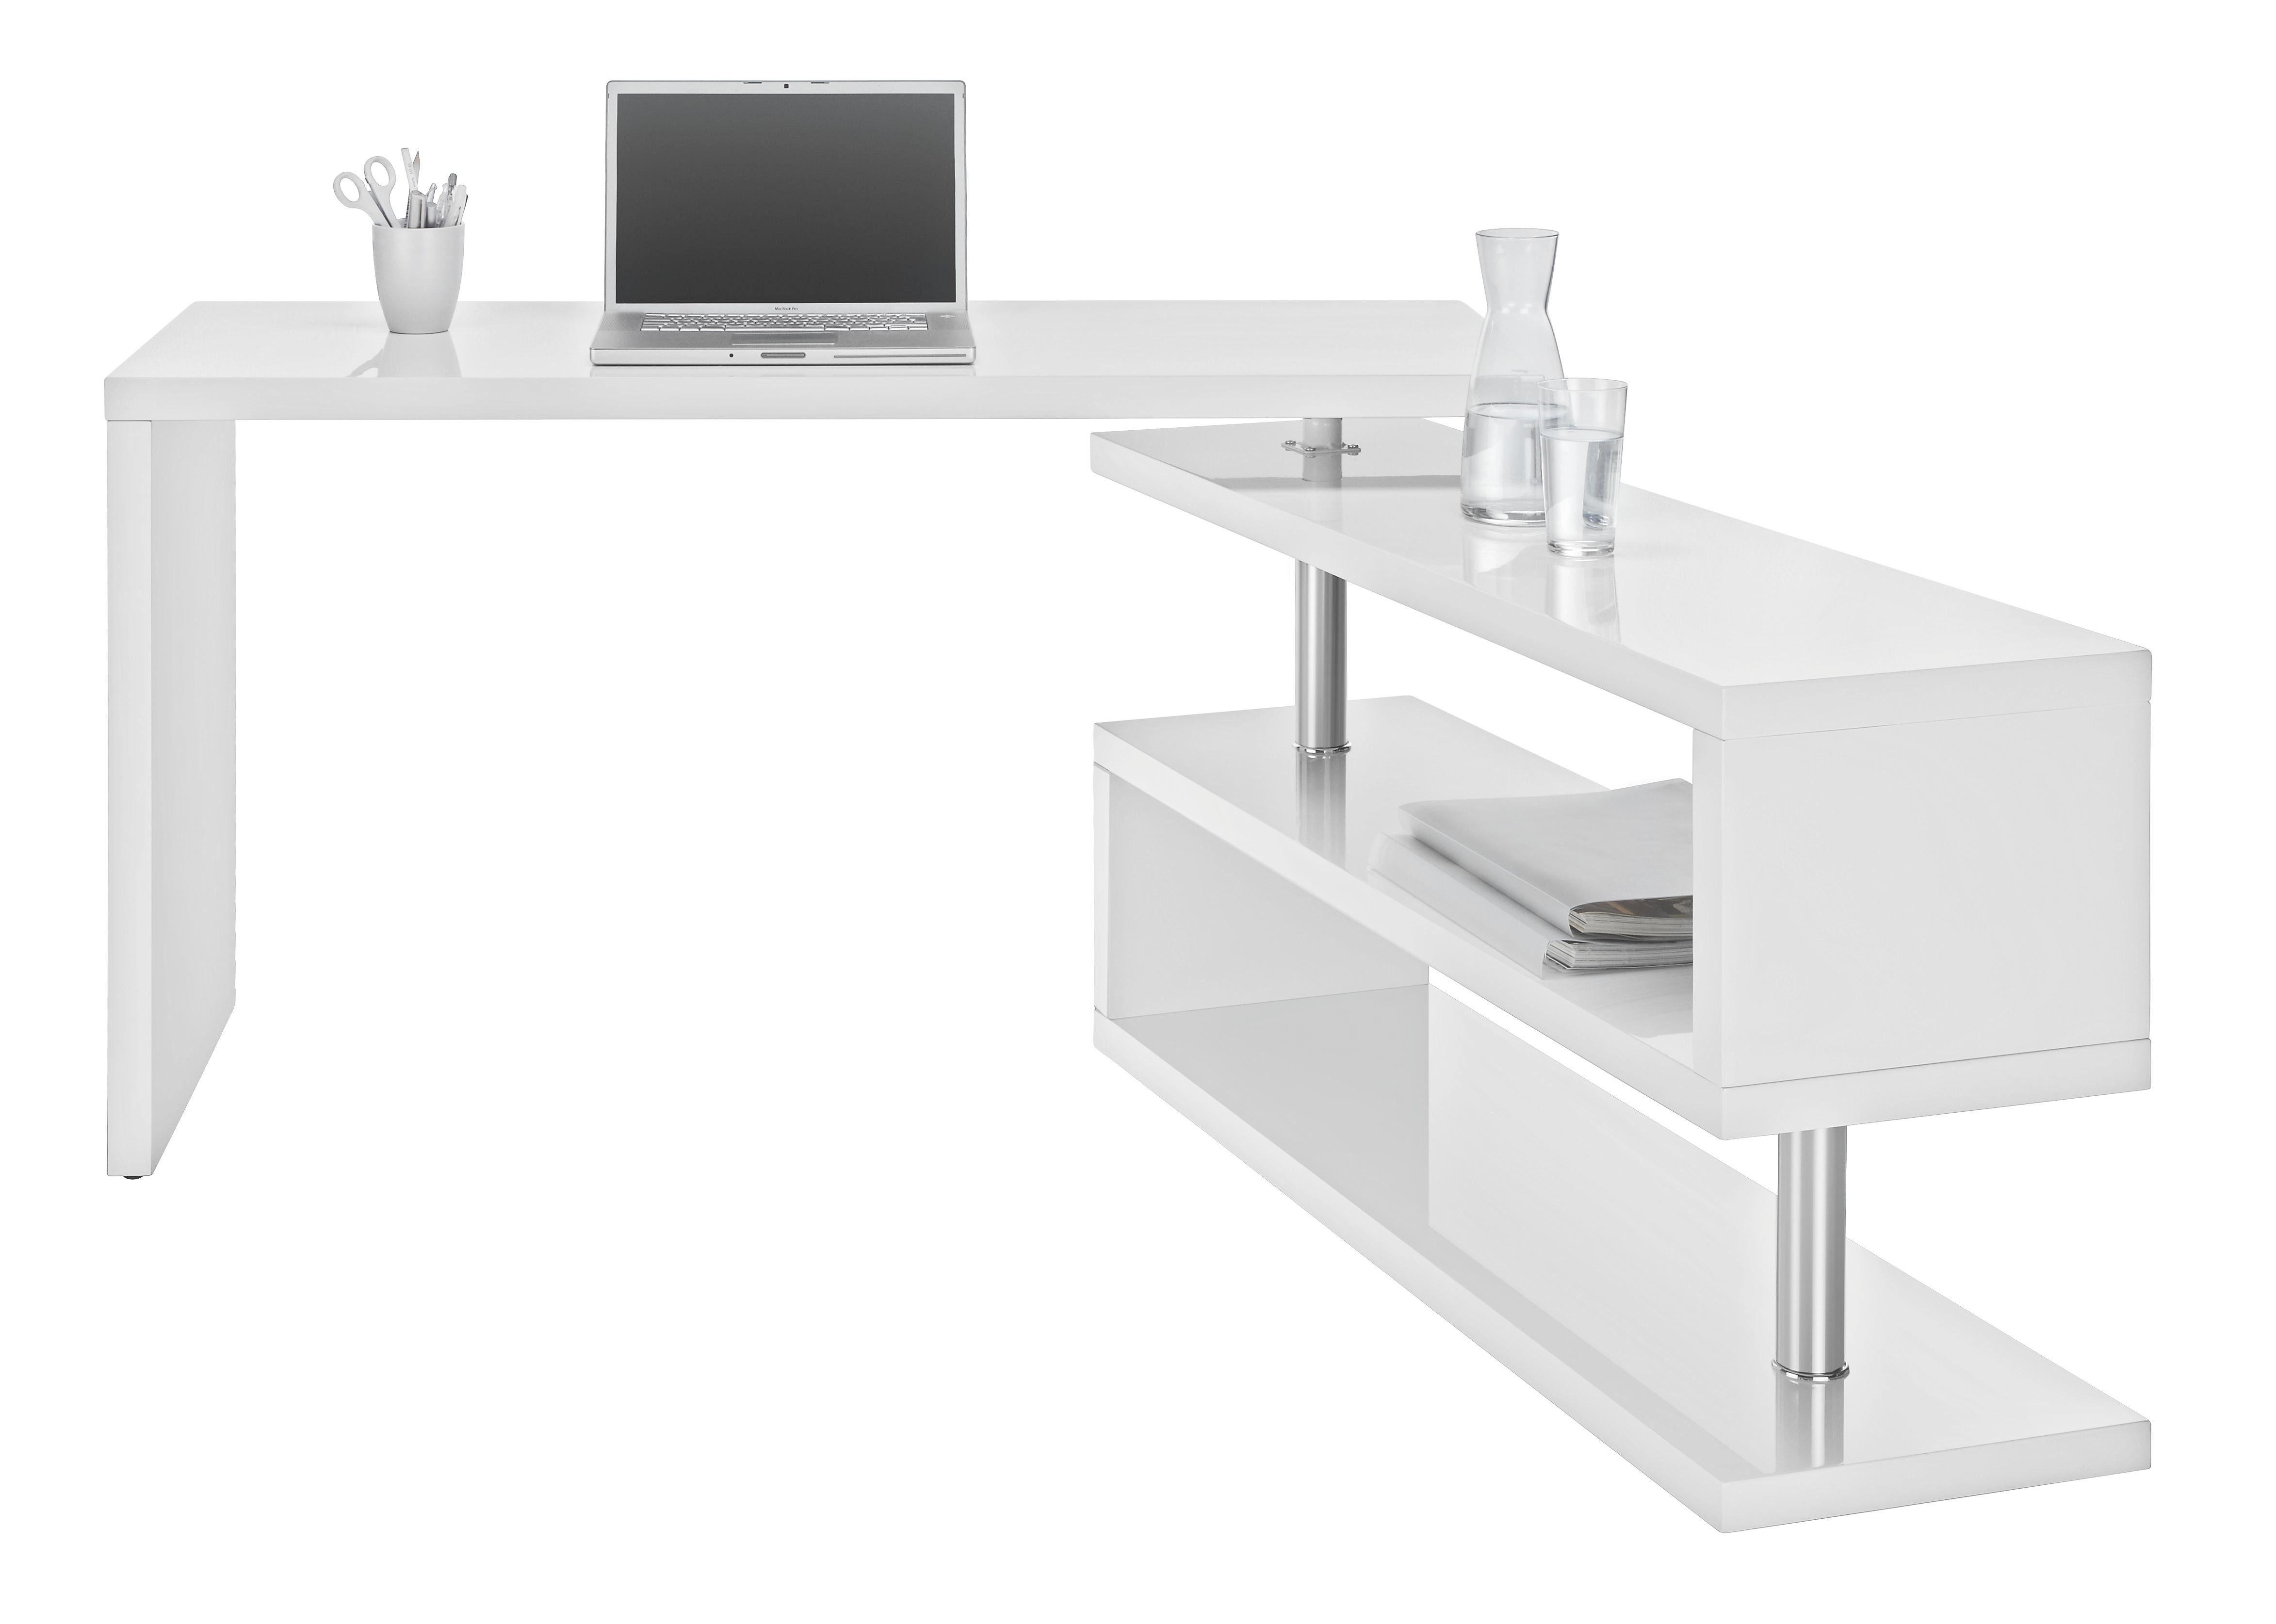 SKRIVBORD - vit/kromfärg, Design, metall/träbaserade material (130/76/128,5cm) - Mömax modern living